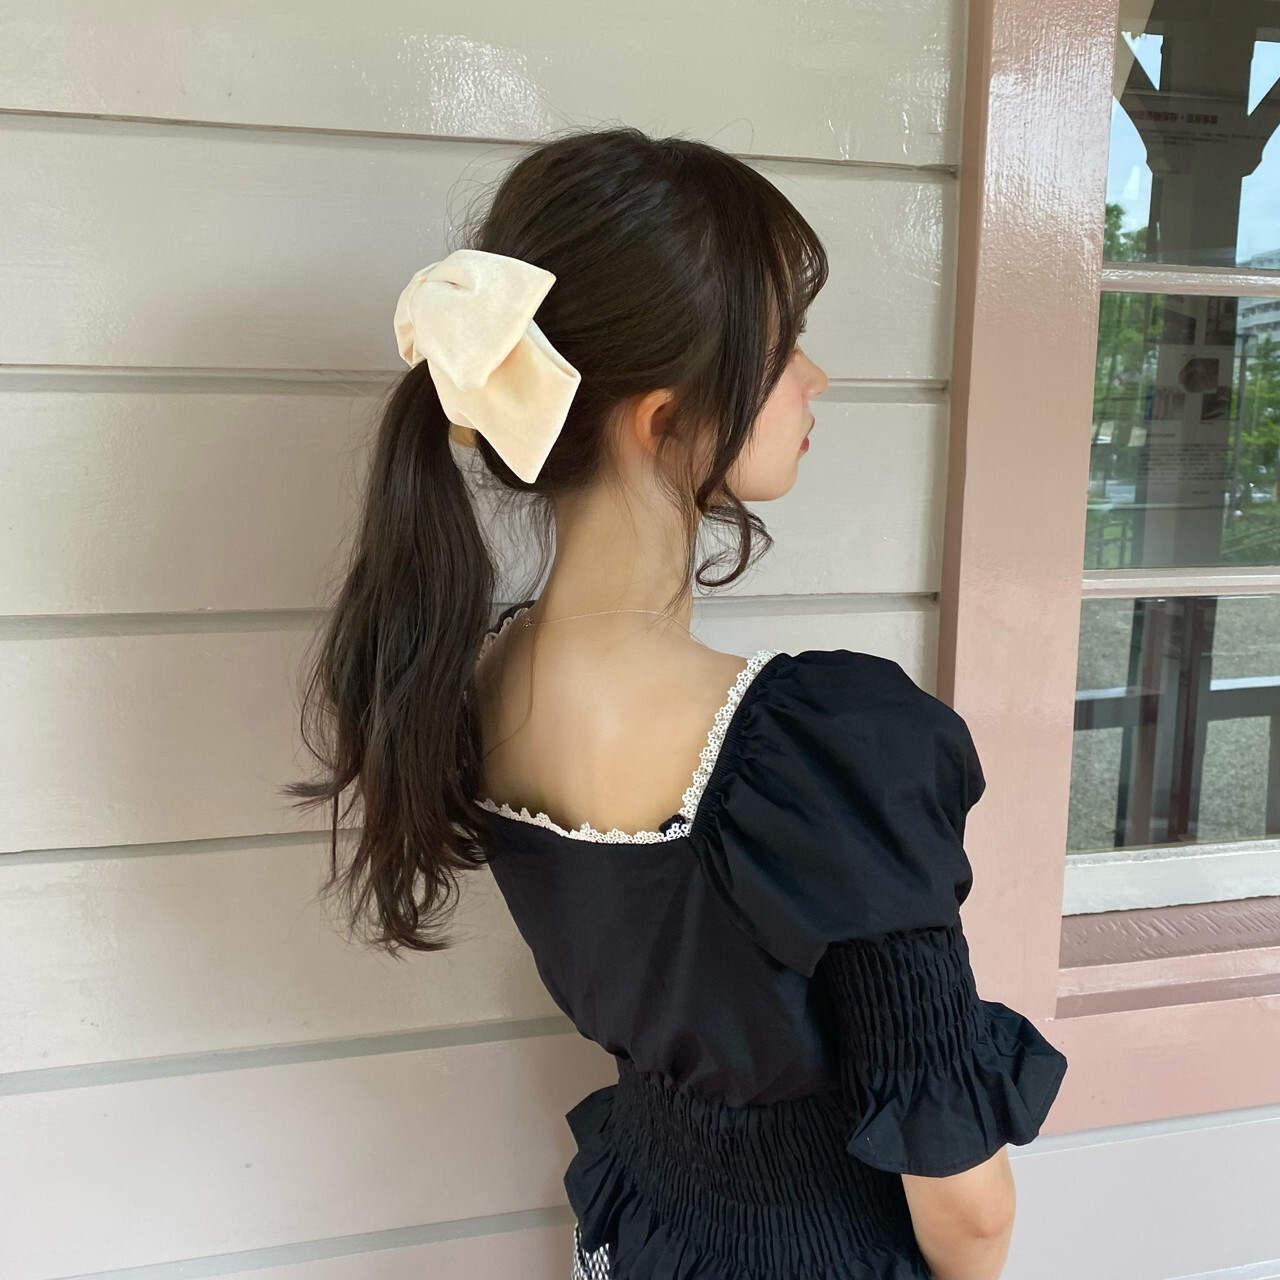 【Renonqle】black girly blouse